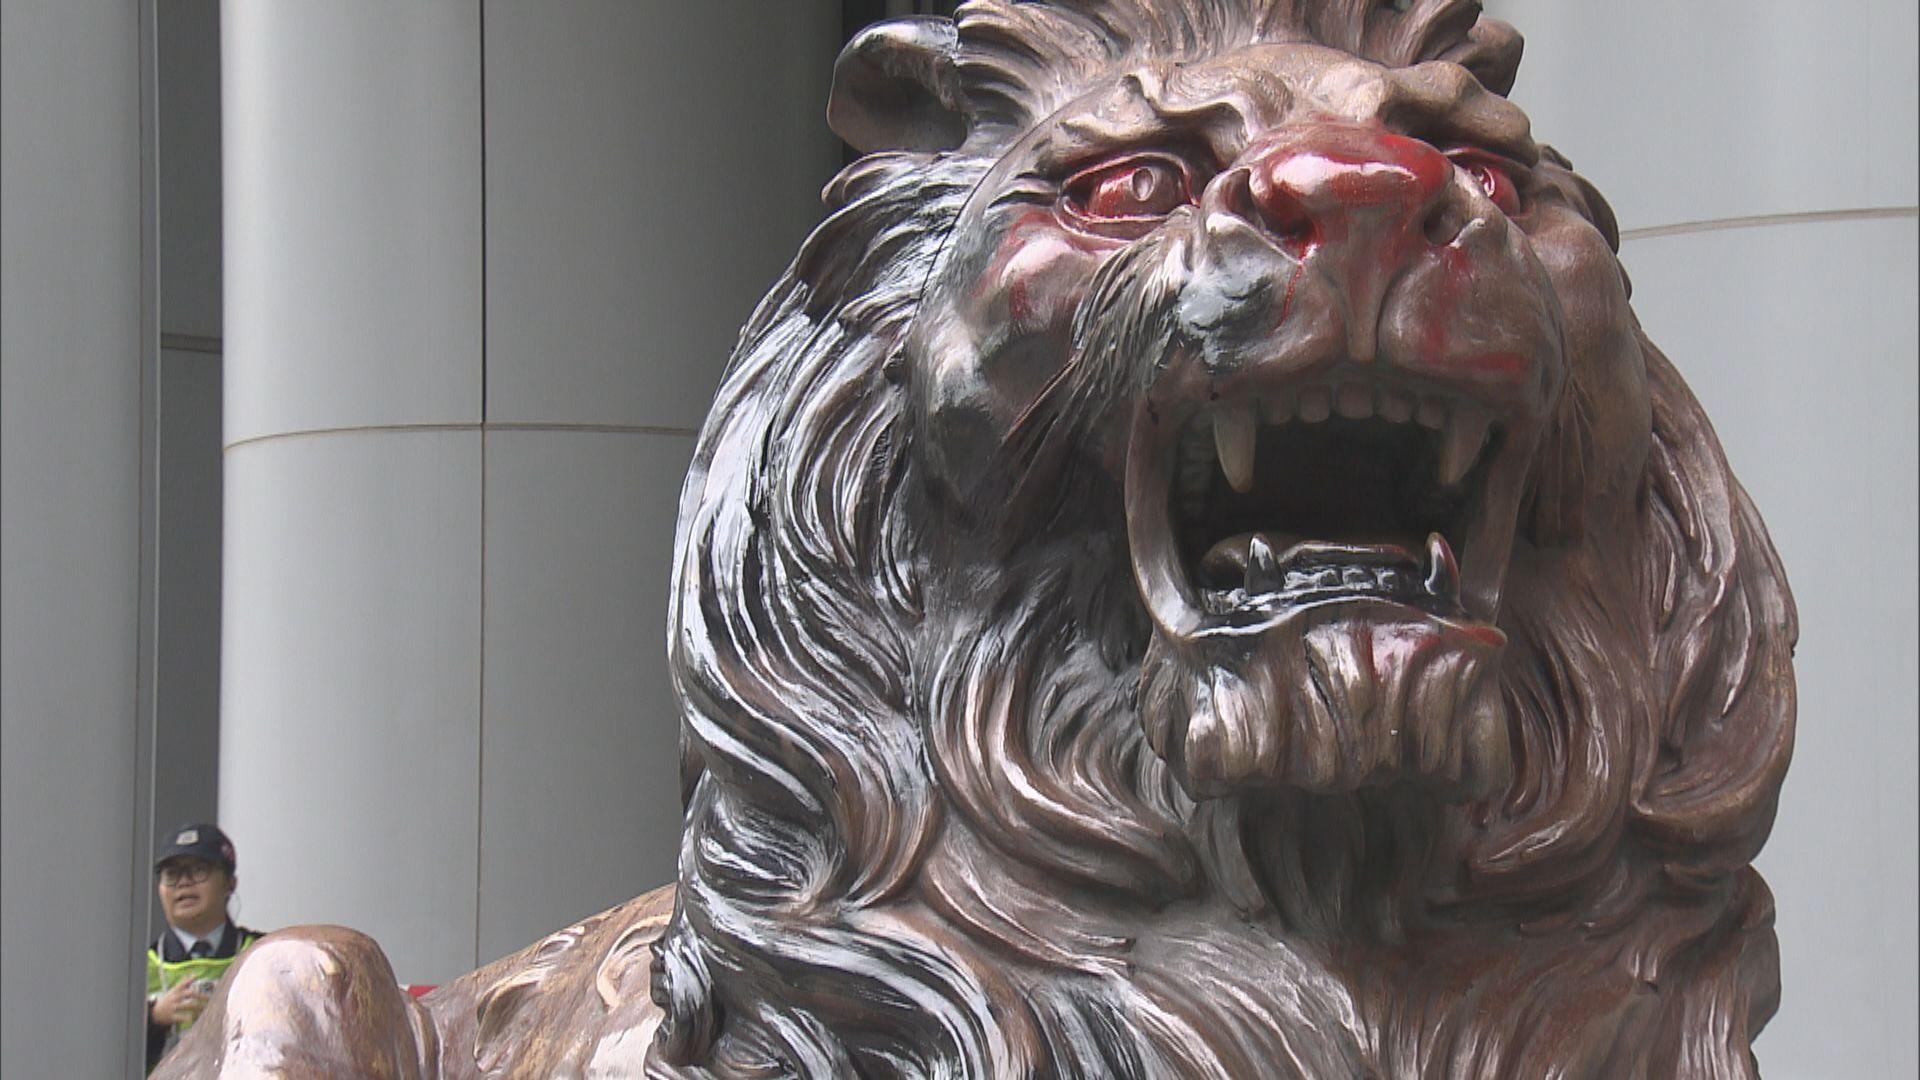 【滙豐被裝修】銅獅子仍見紅油及損毁痕跡 清潔工人清理